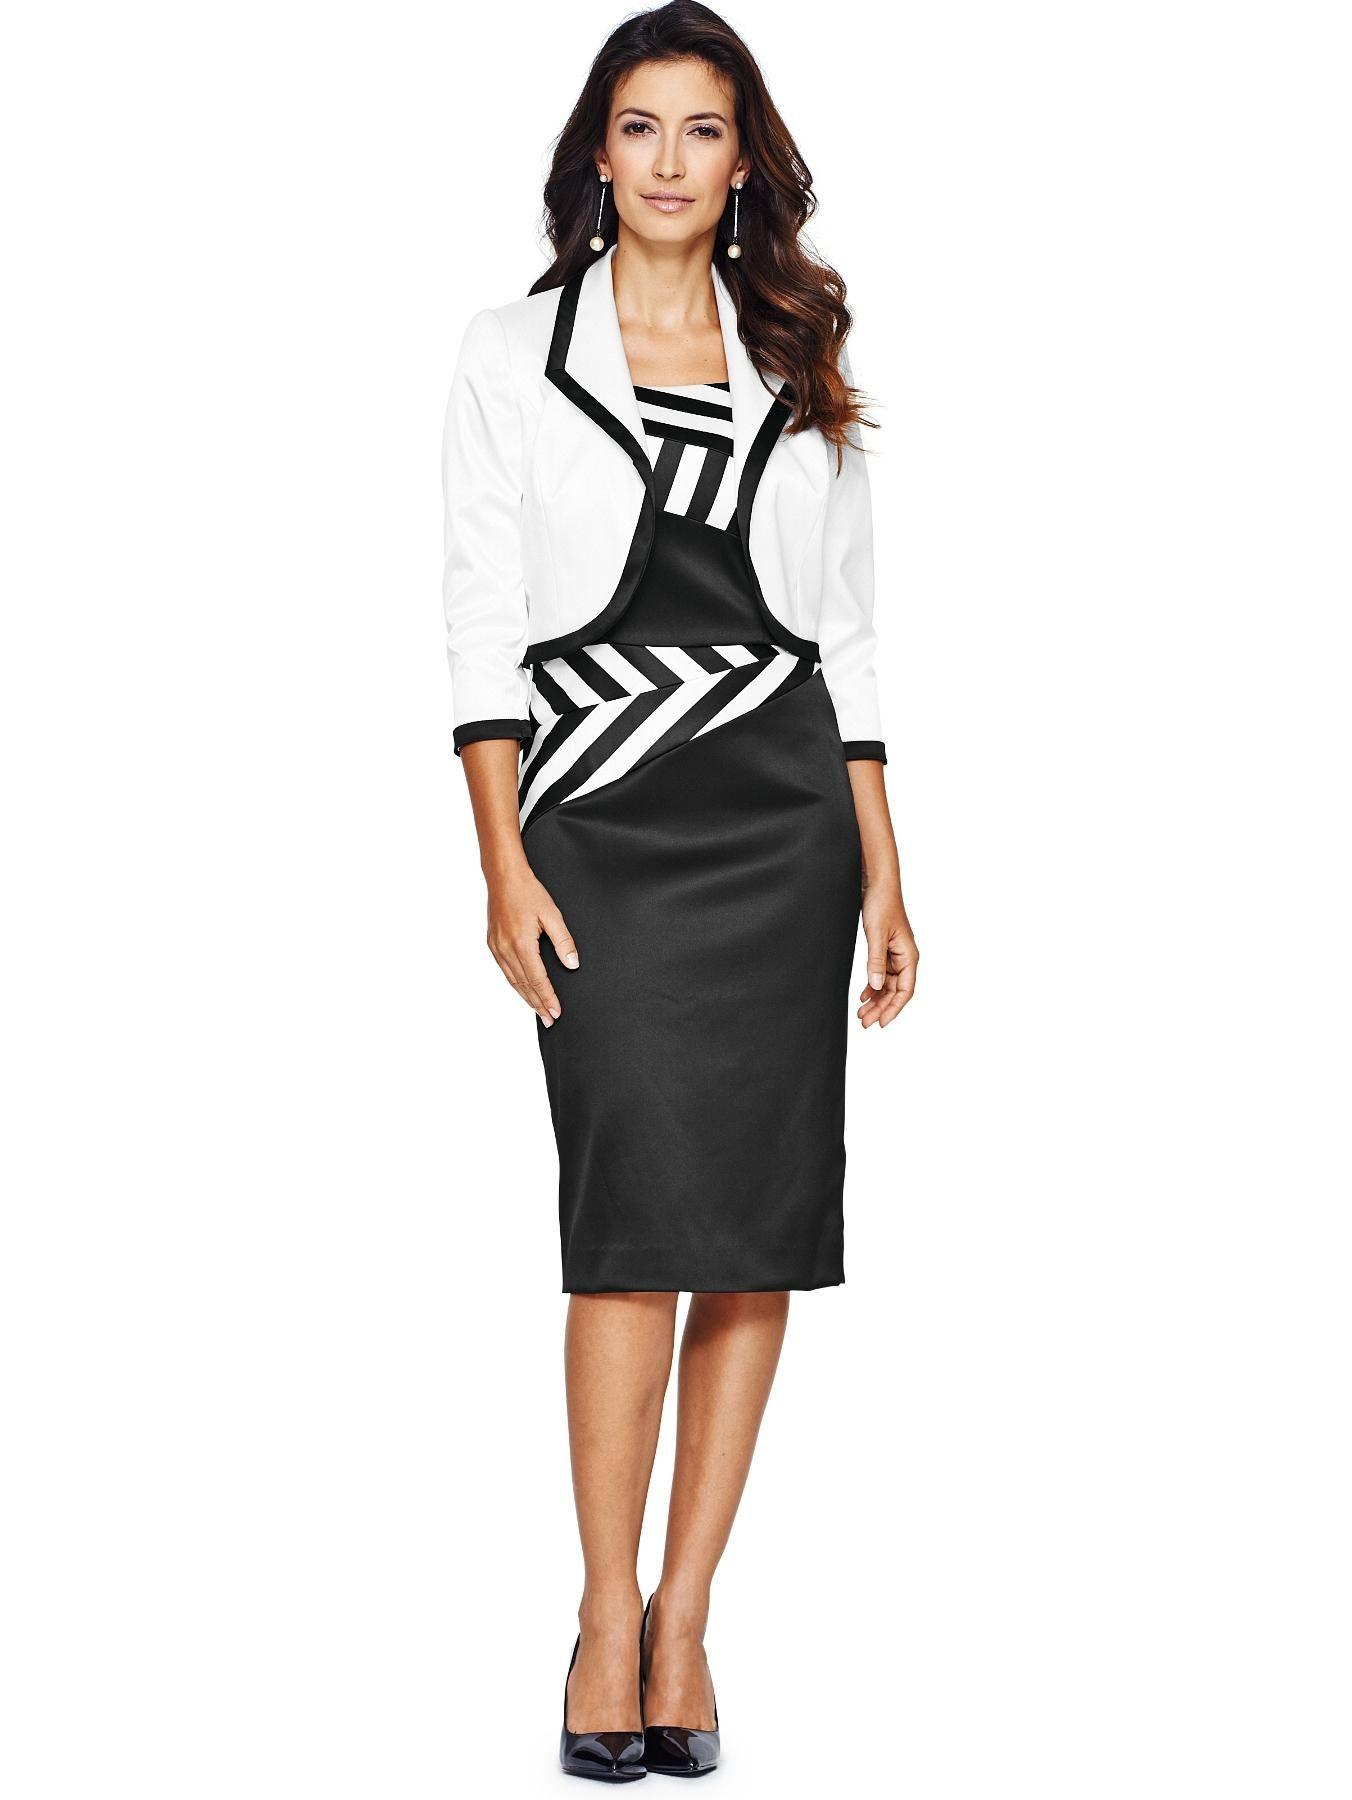 959c5c26ea52 Berkertex Occasion Dress And Jacket - raveitsafe